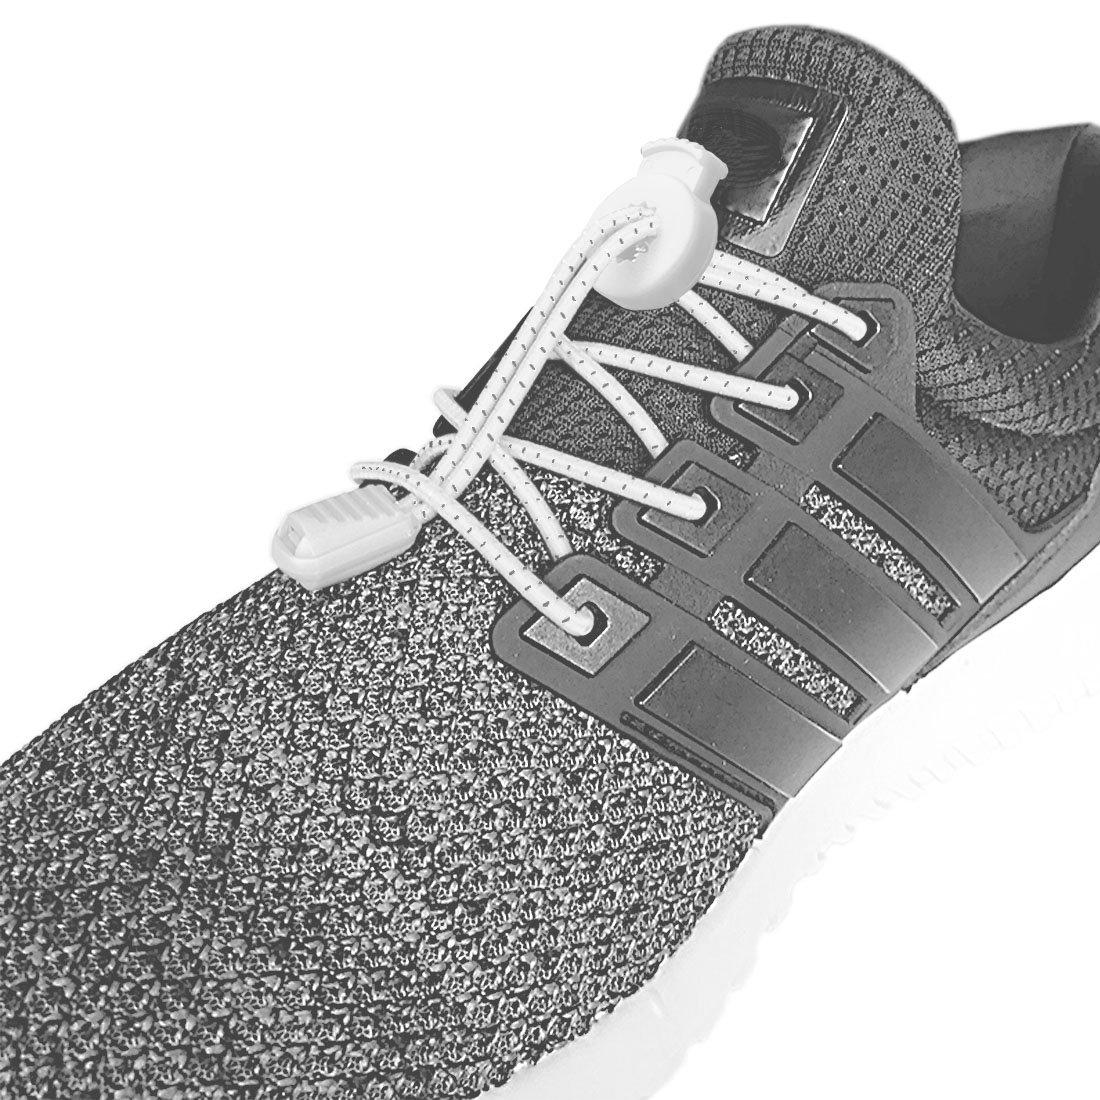 Canwn [2 Pares] Cordones Elásticos para Zapatos, Atar y Sin Nudo Reflexivo Cordones de Zapatos con Longitud de 120cm para Maratón y Triatlón Atletas ...